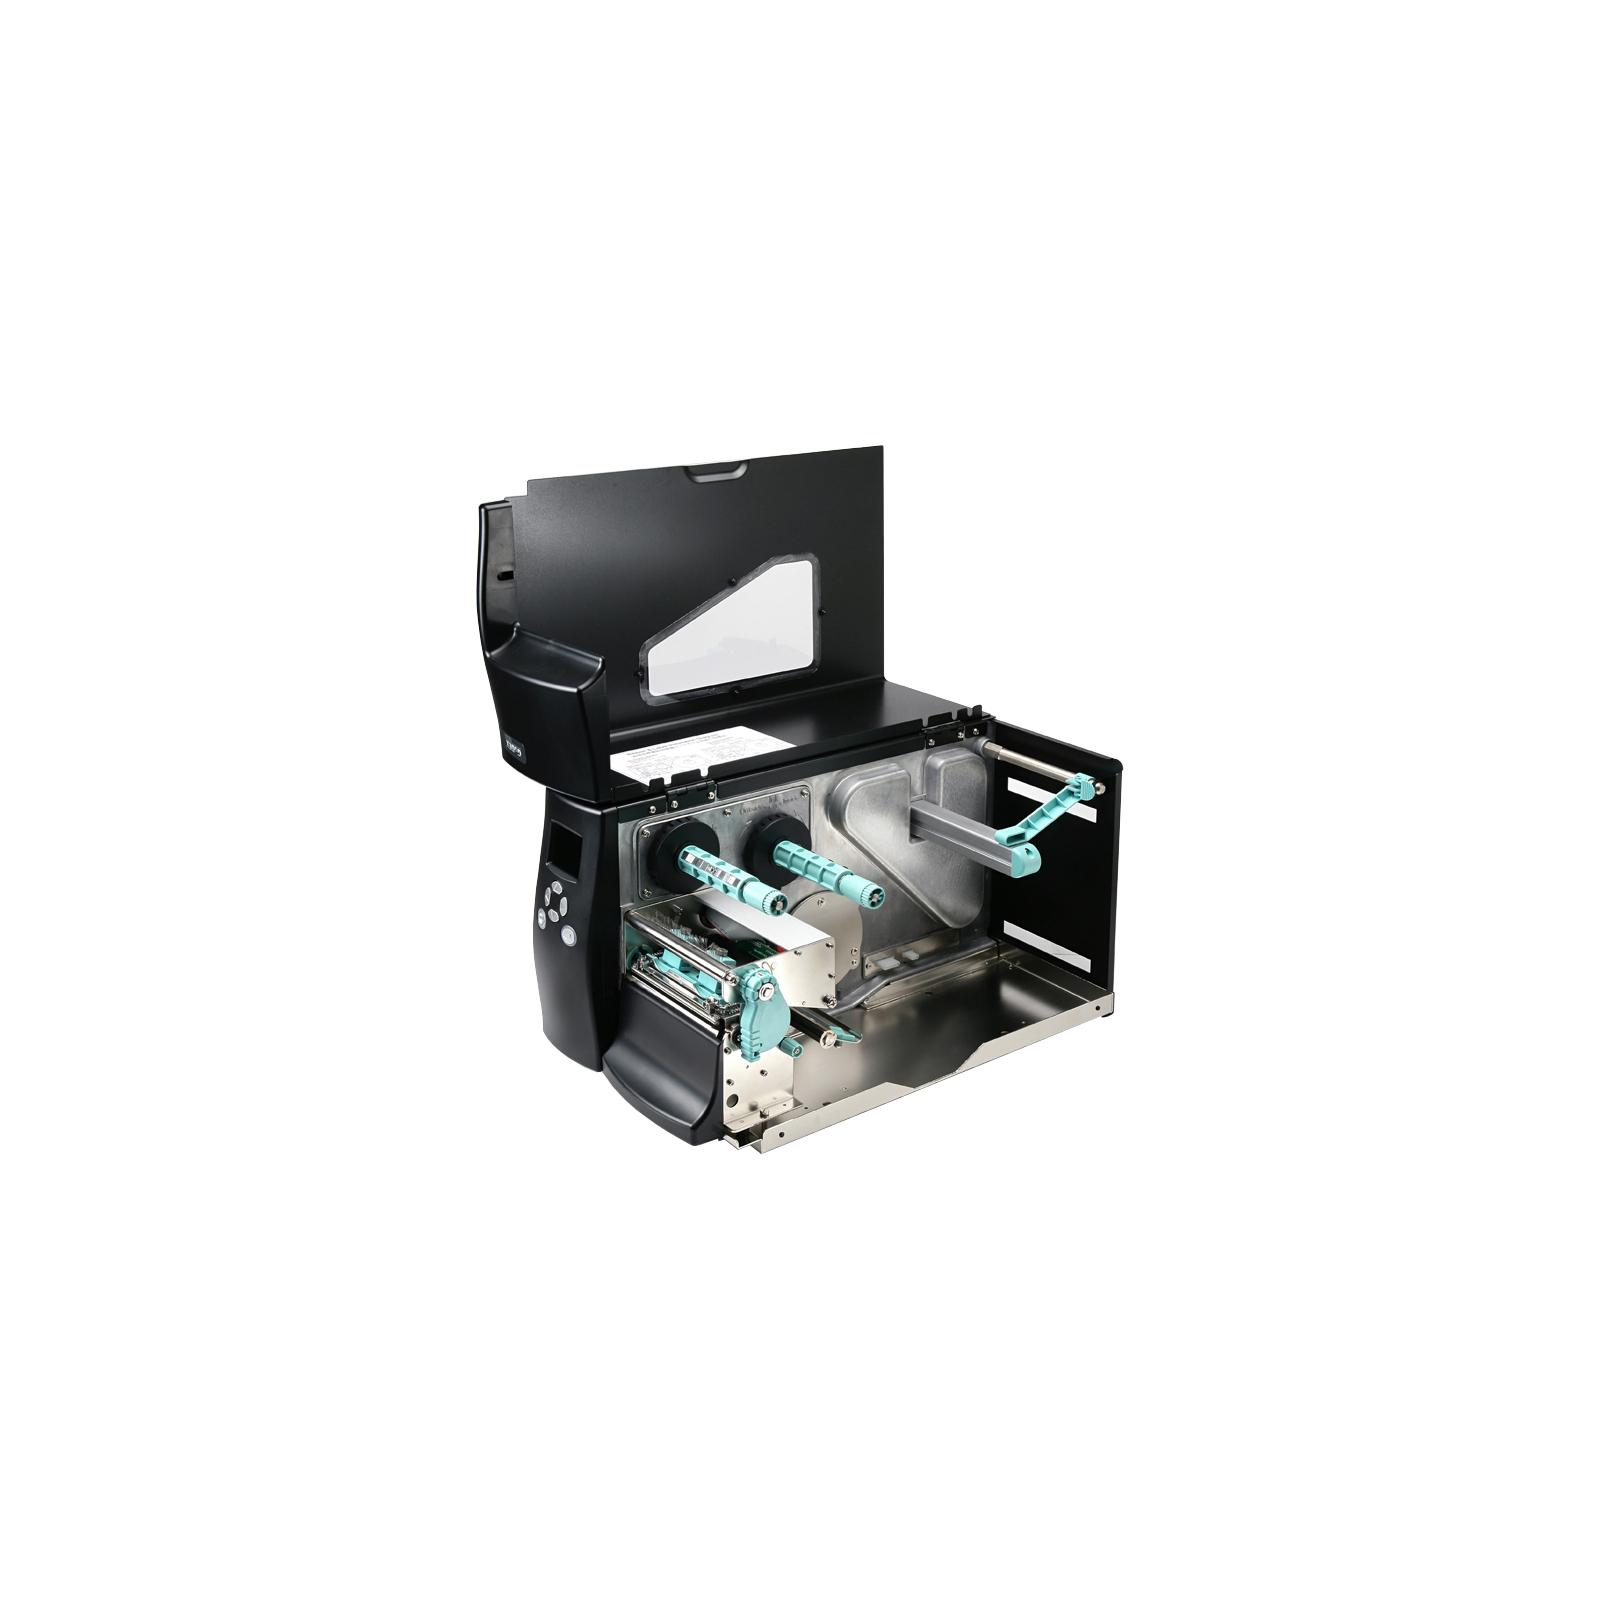 Принтер этикеток Godex EZ-2350i Plus (300dpi) (6595) изображение 3